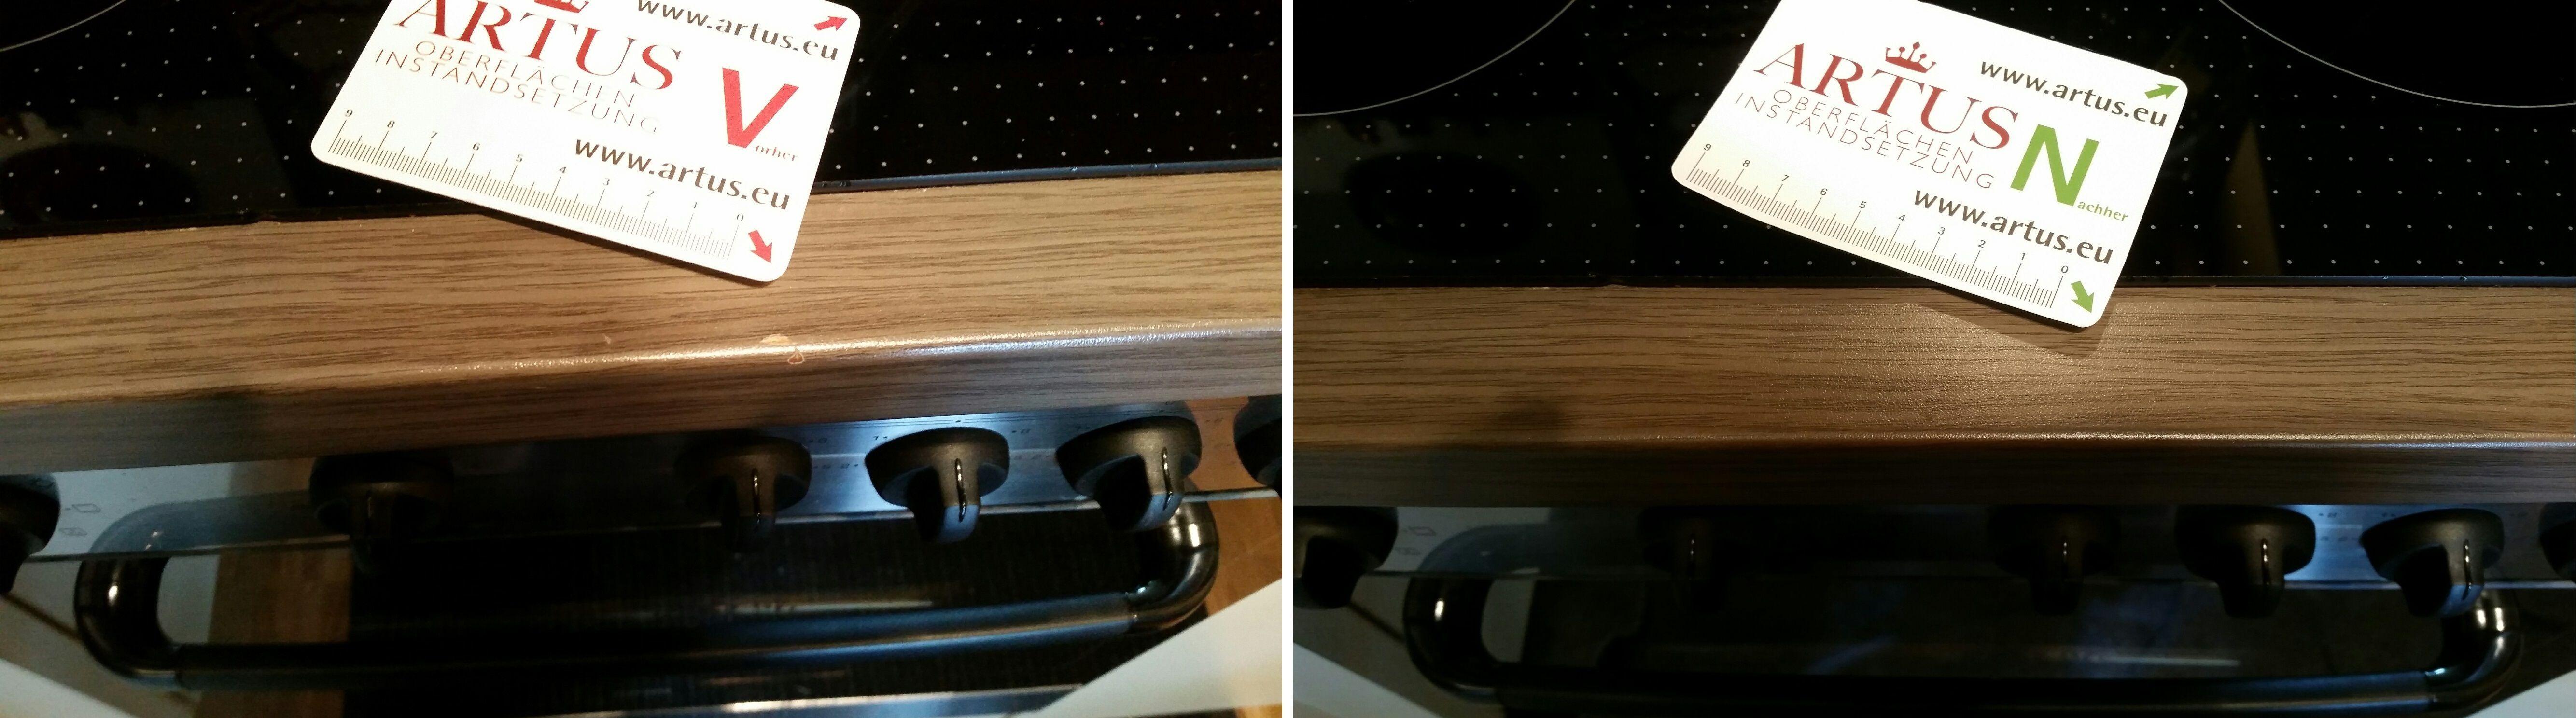 Kuechenarbeitsplatte Haftpflichtschaden Gewaehrleistung Nutzungsschaden Instandsetzung Arbeitsflaeche Arbeitsplatte Beschaedi Light Box 10 Things Light